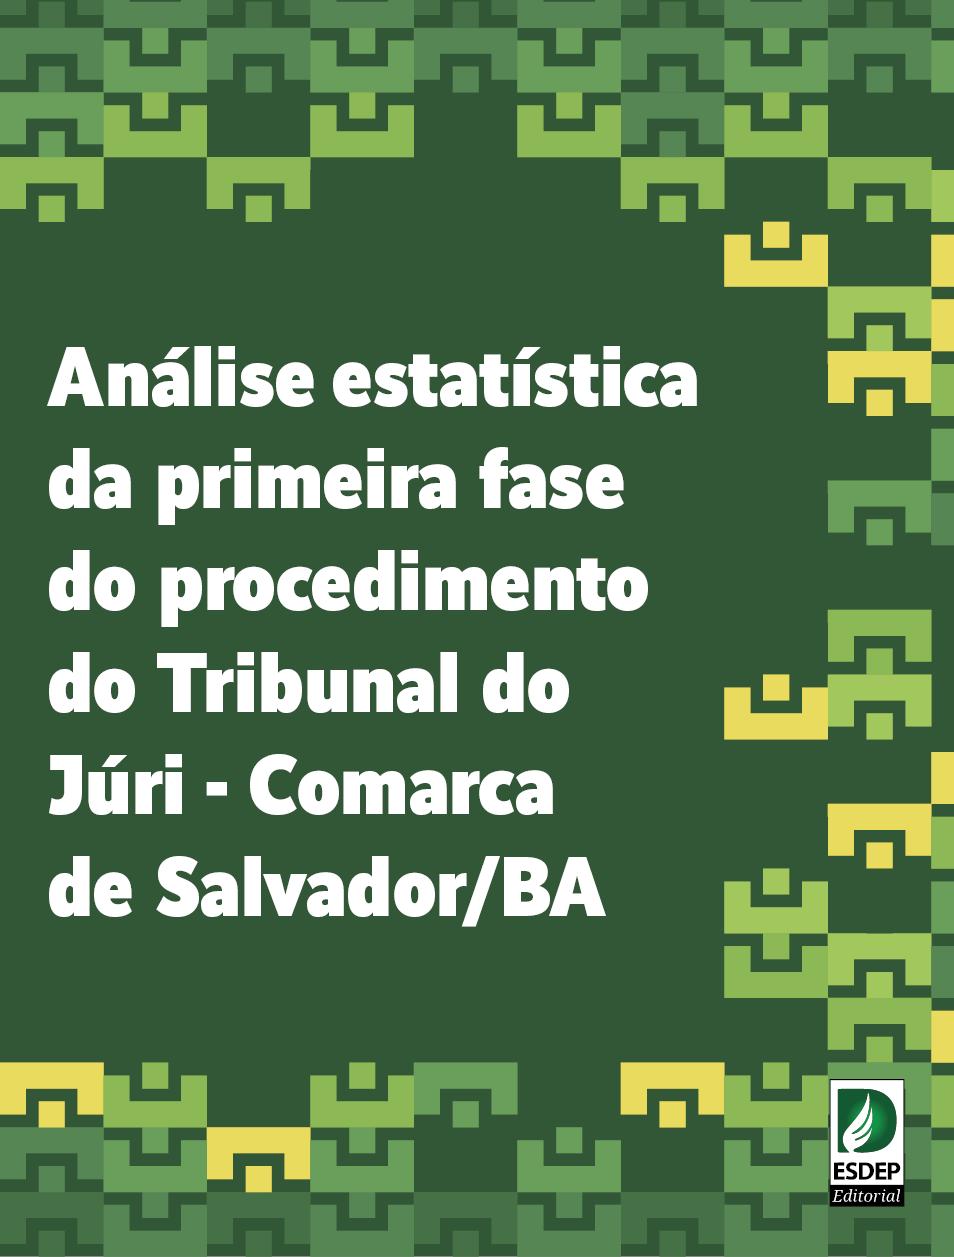 Análise estatística da primeira fase do procedimento do Tribunal do Júri – Comarca de Salvador/BA